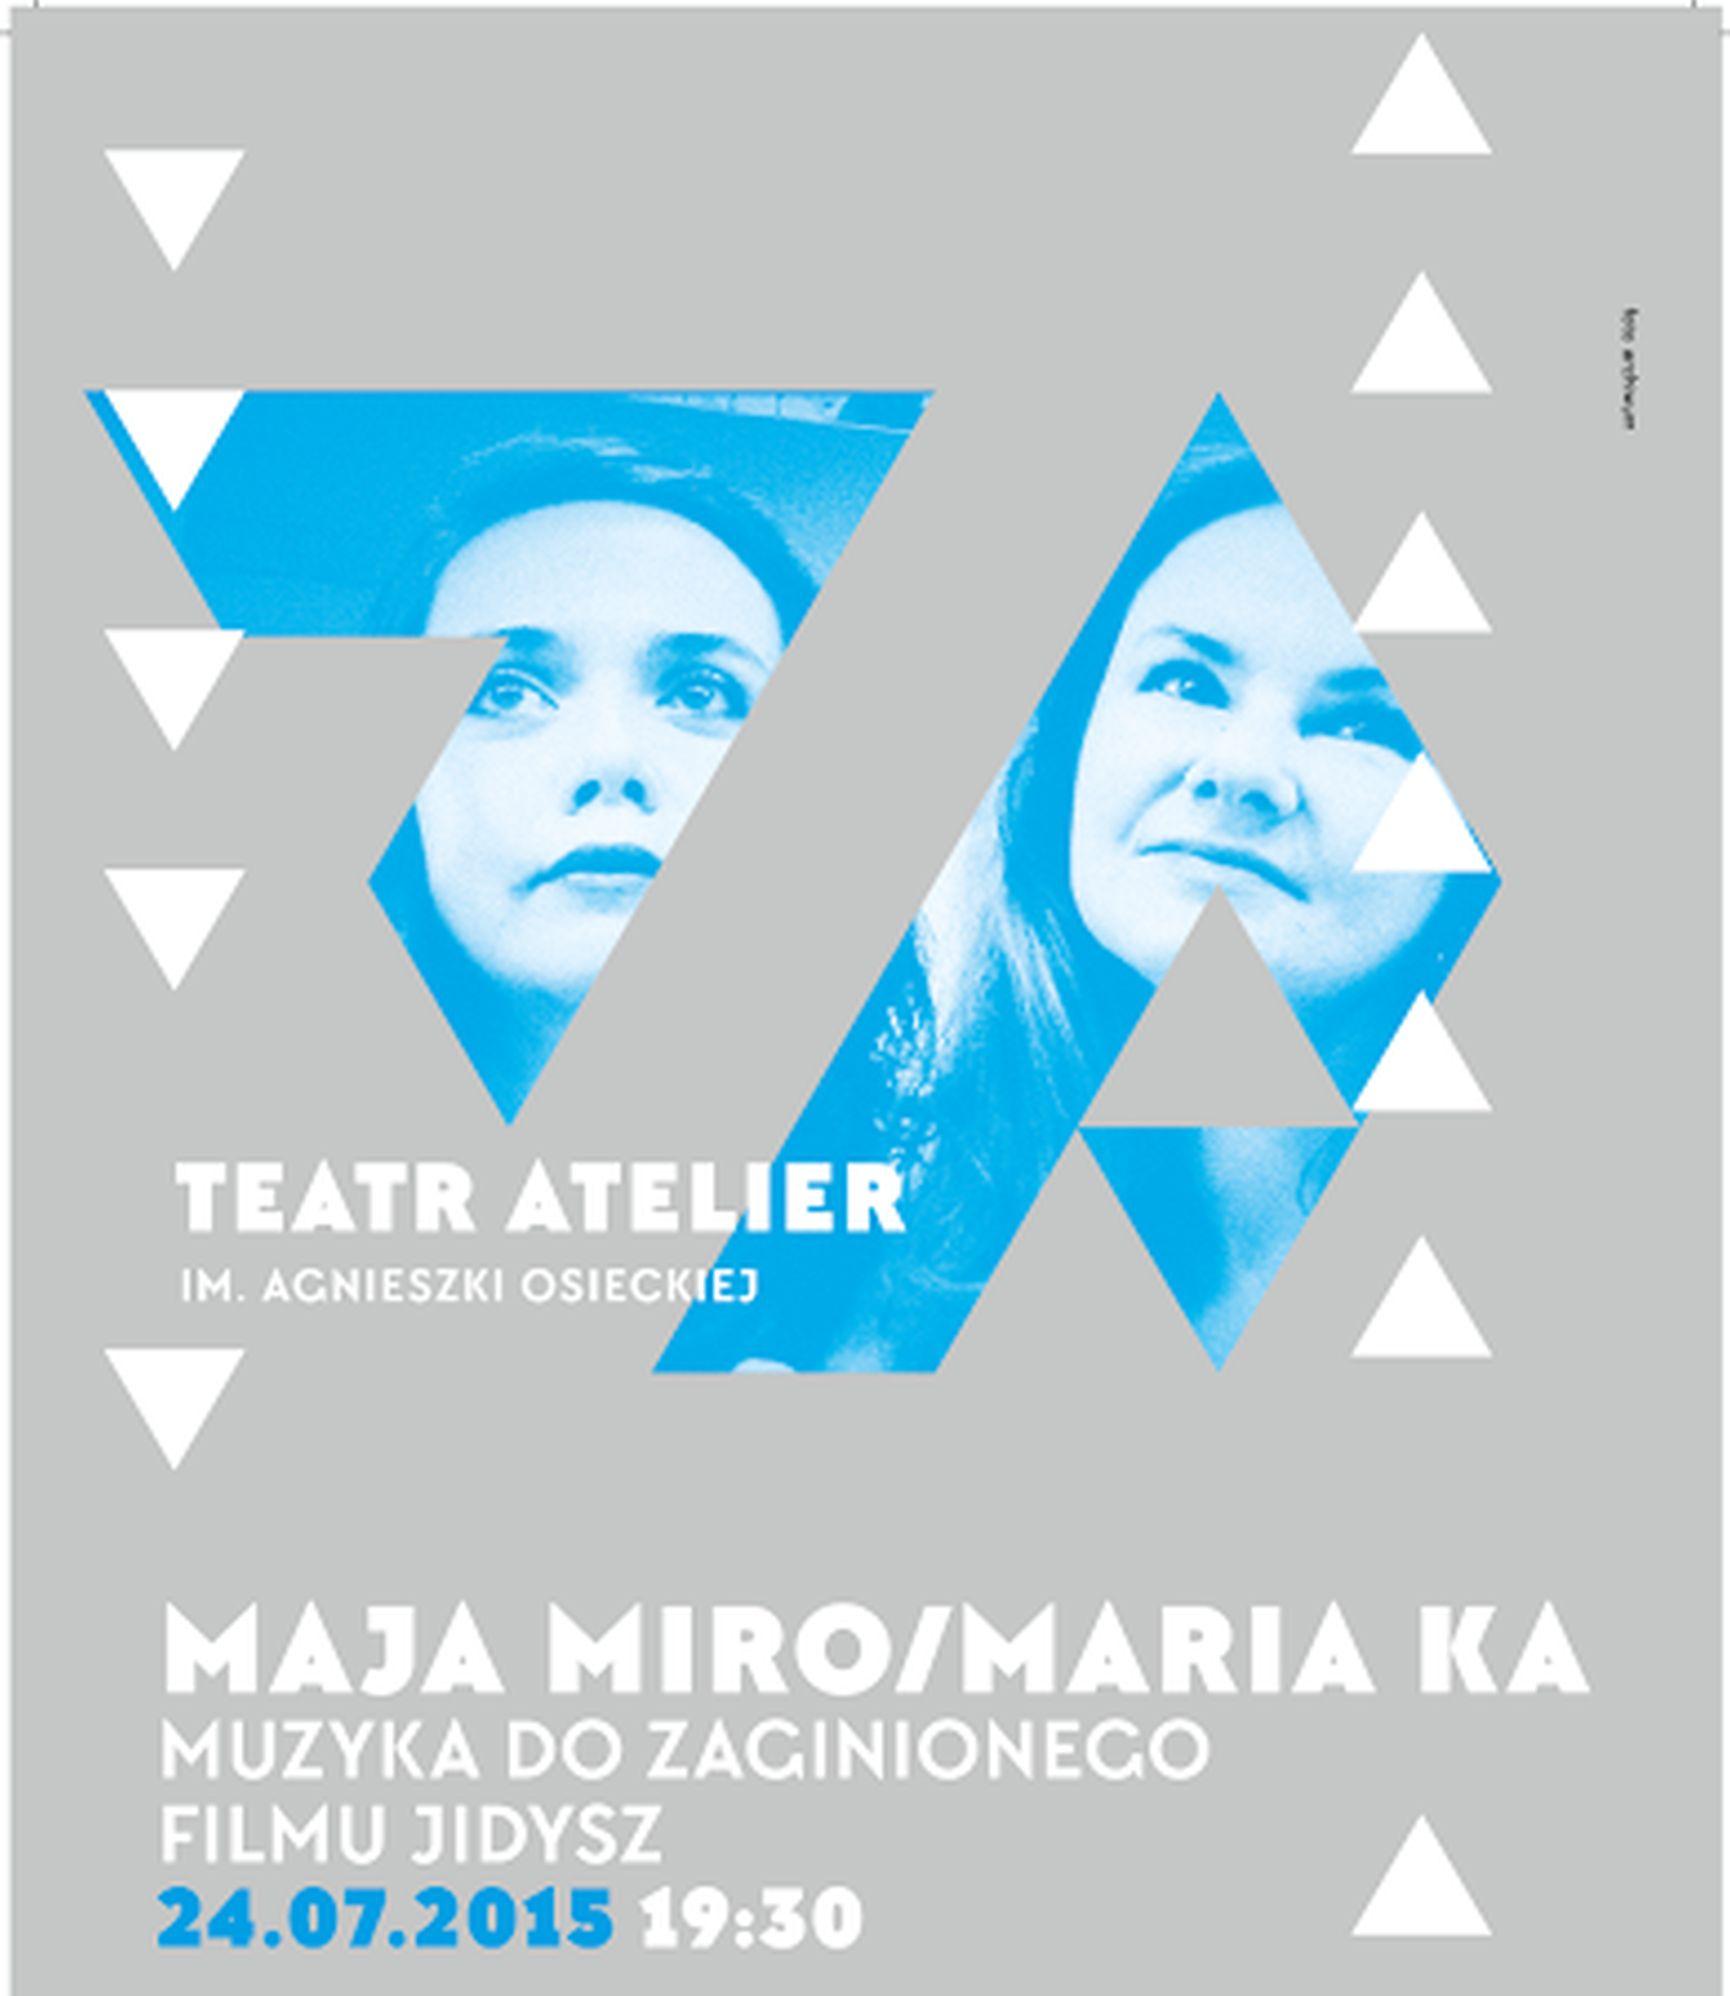 """Maja Miro, Maria Ka, """"Muzyka do zaginionego filmu jidysz"""" – plakat (źródło: materiały prasowe)"""